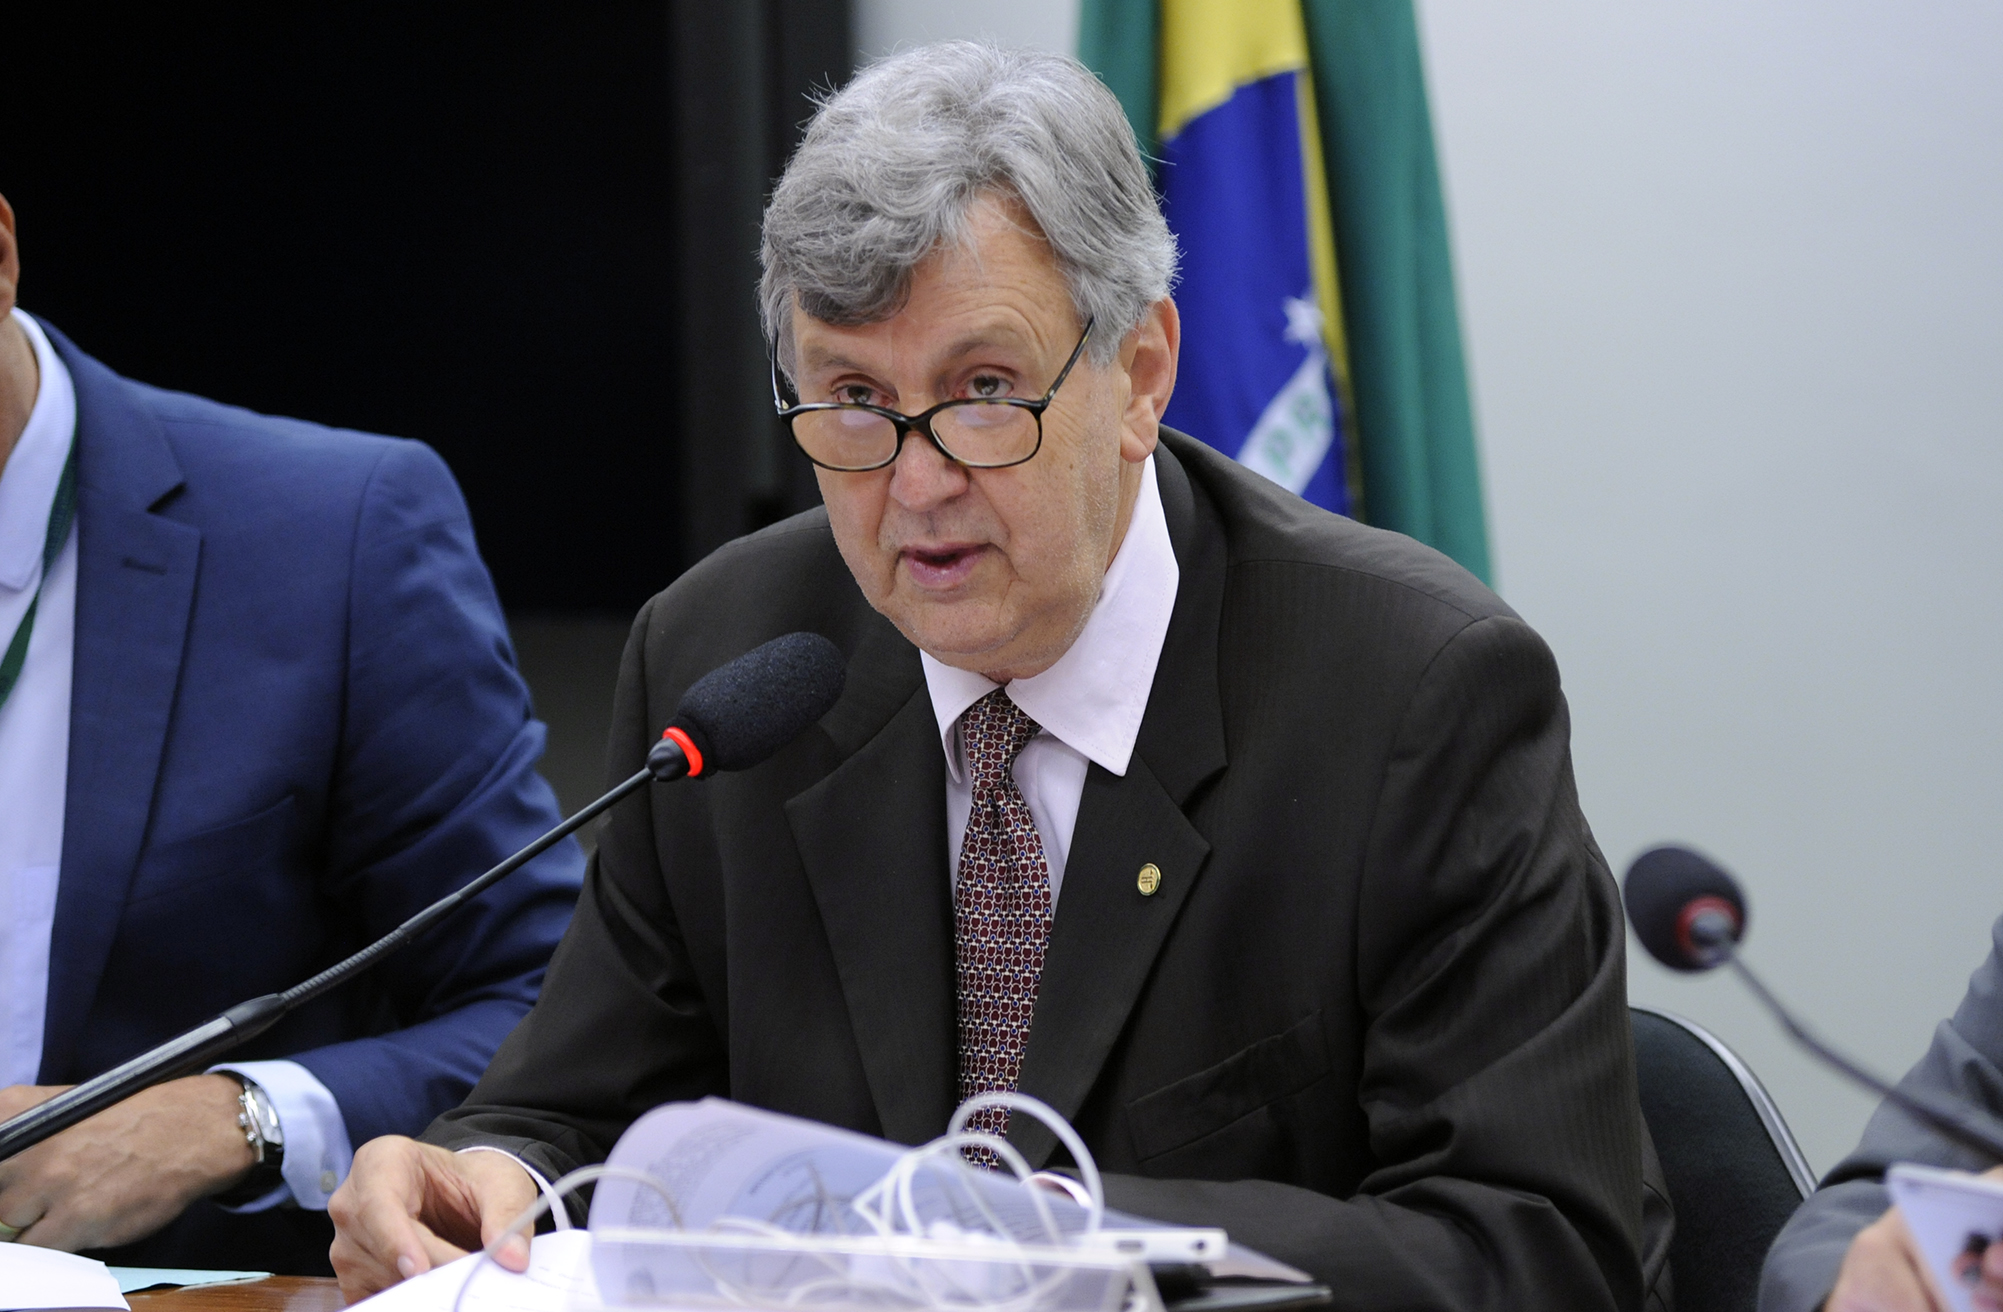 Audiência Pública e Reunião Ordinária. Dep. Luiz Carlos Heinze (PP-RS)